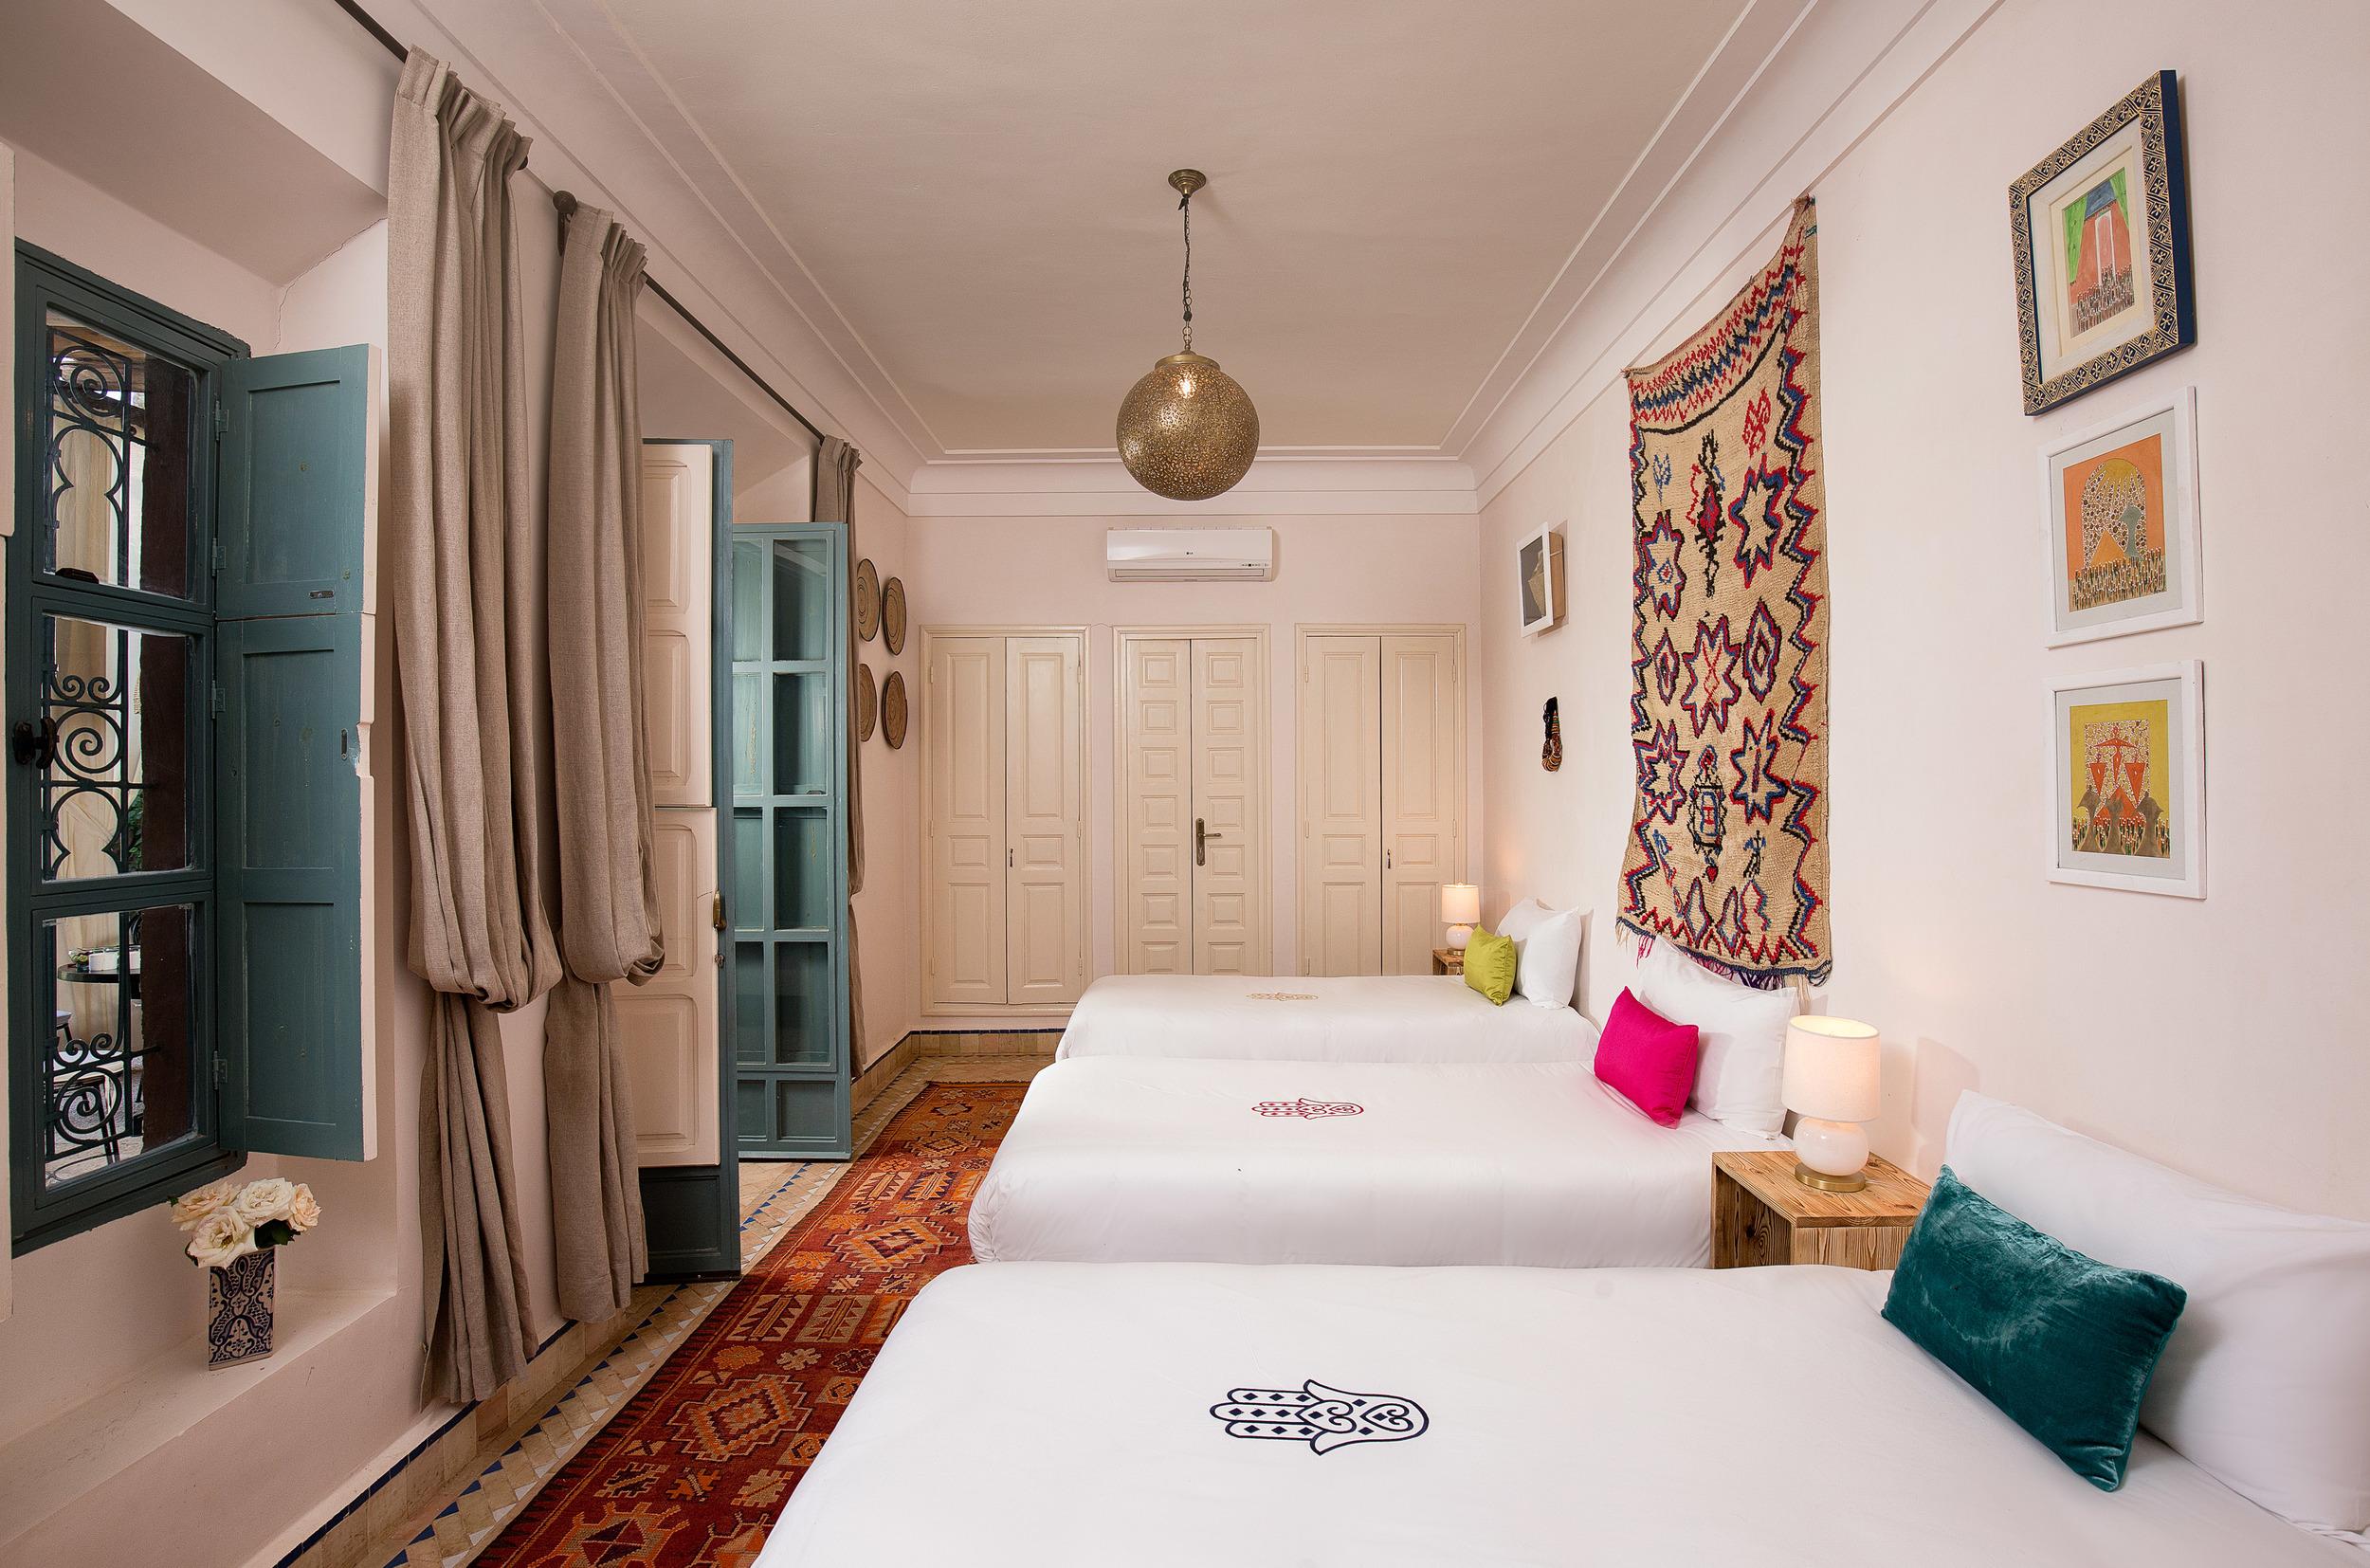 Villa Magtafa - Amara room